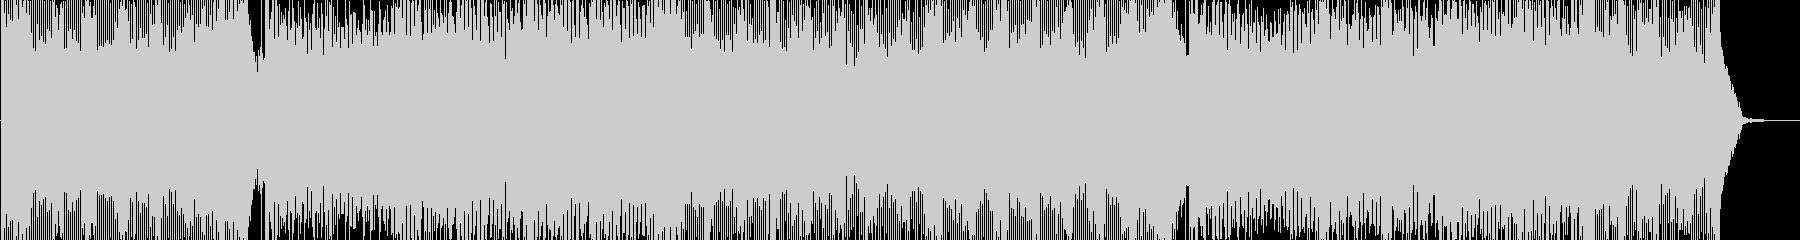 篠笛メロディ抜きの未再生の波形